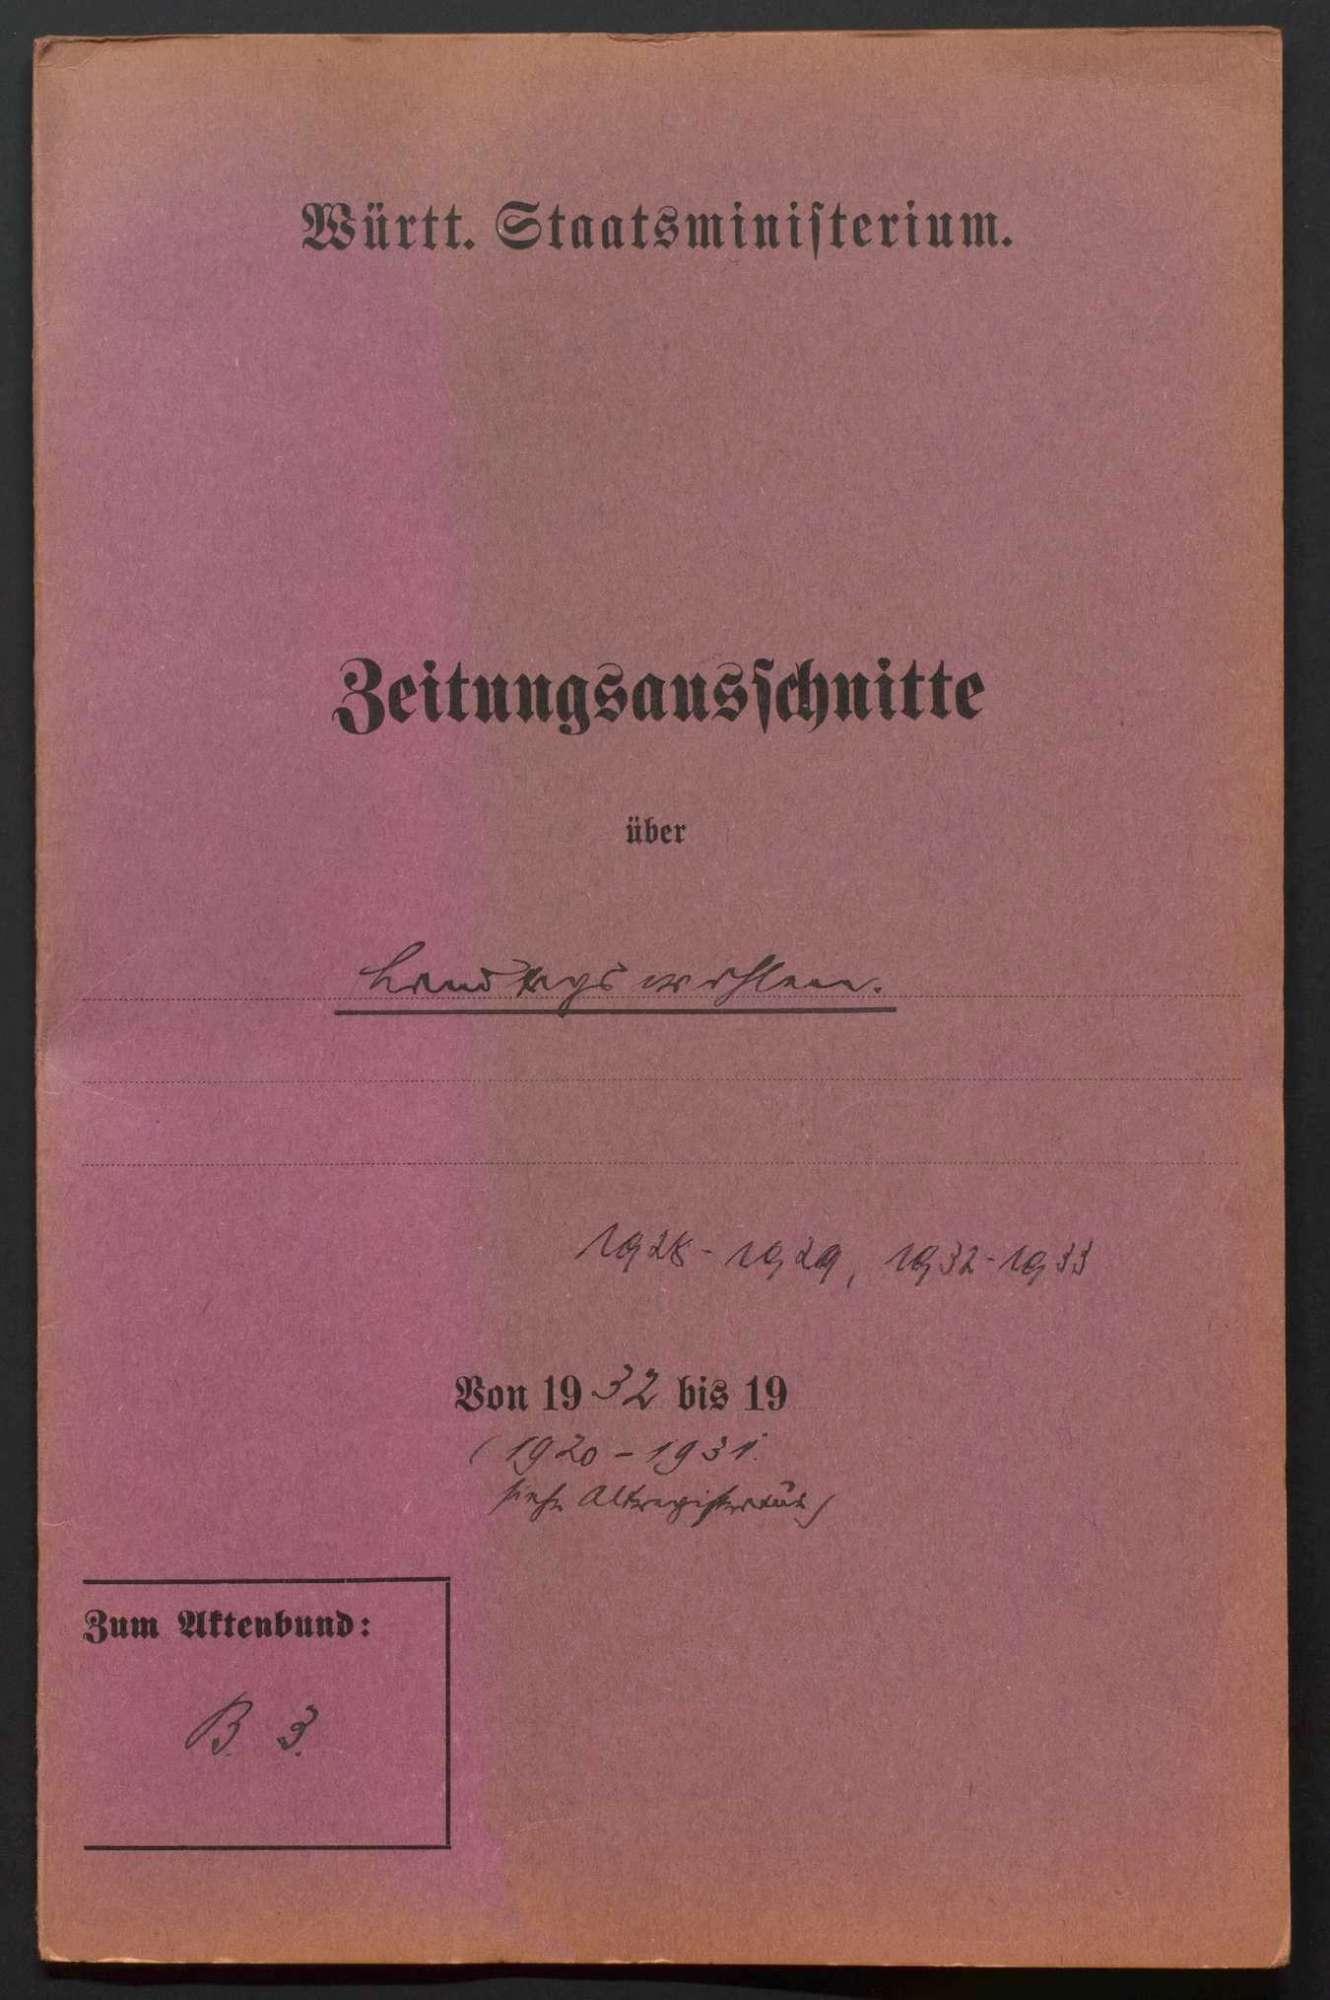 Wahl der Abgeordneten, Feststellung der Mitgliedschaft, Ausscheiden und Berufung der Nachfolger, Bild 2